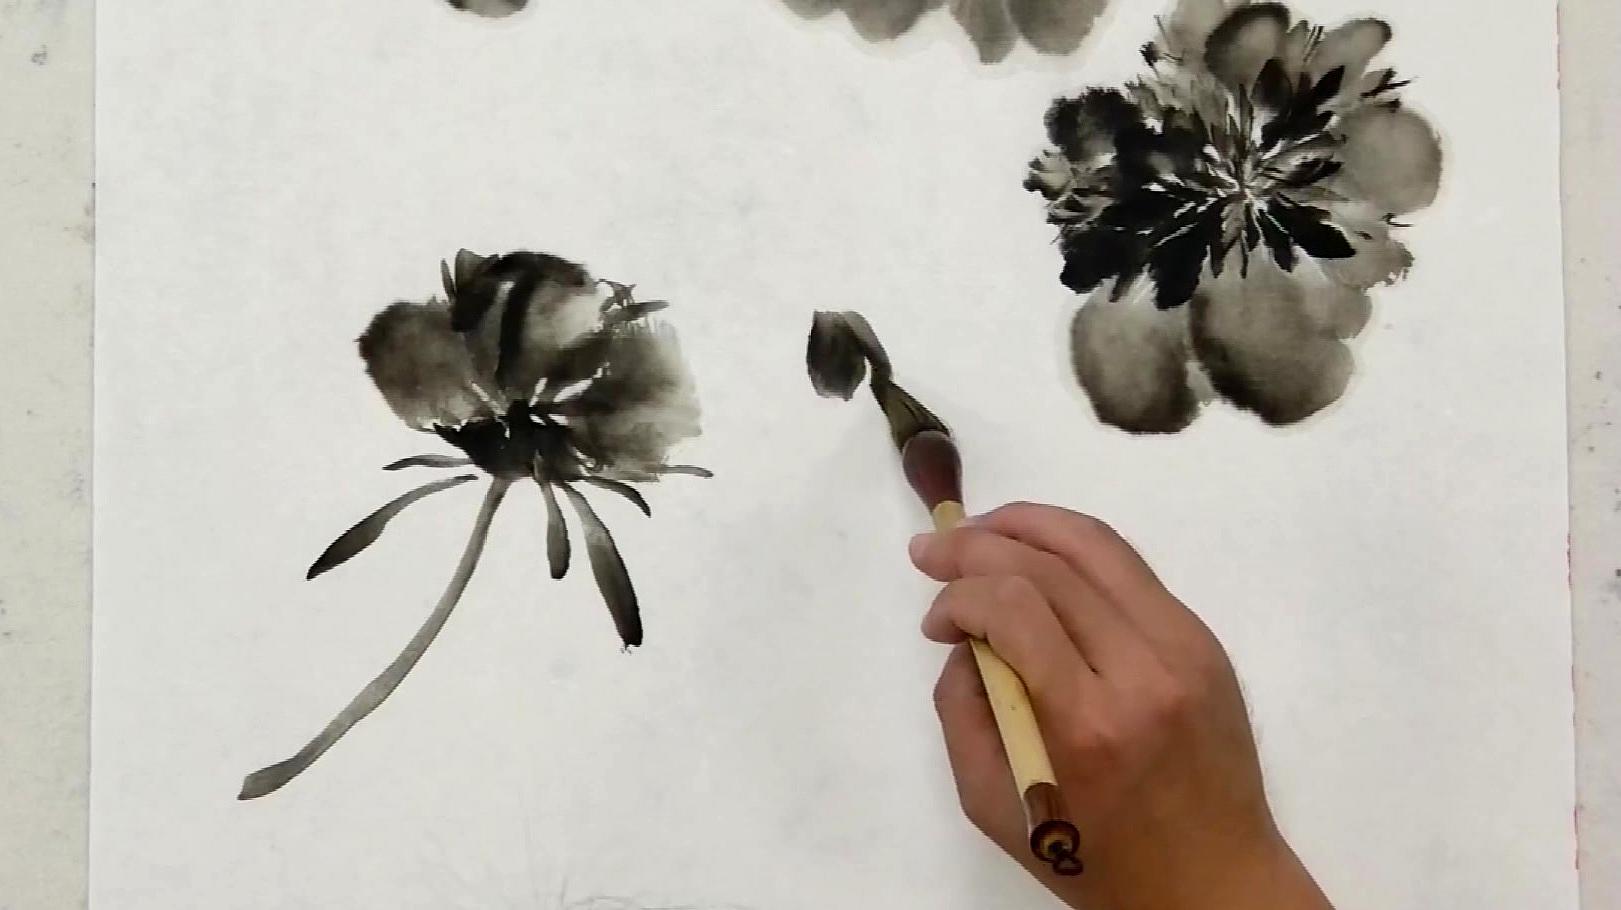 国画:美院老师展示水墨牡丹的绘画过程,步骤清晰简单,值得收藏